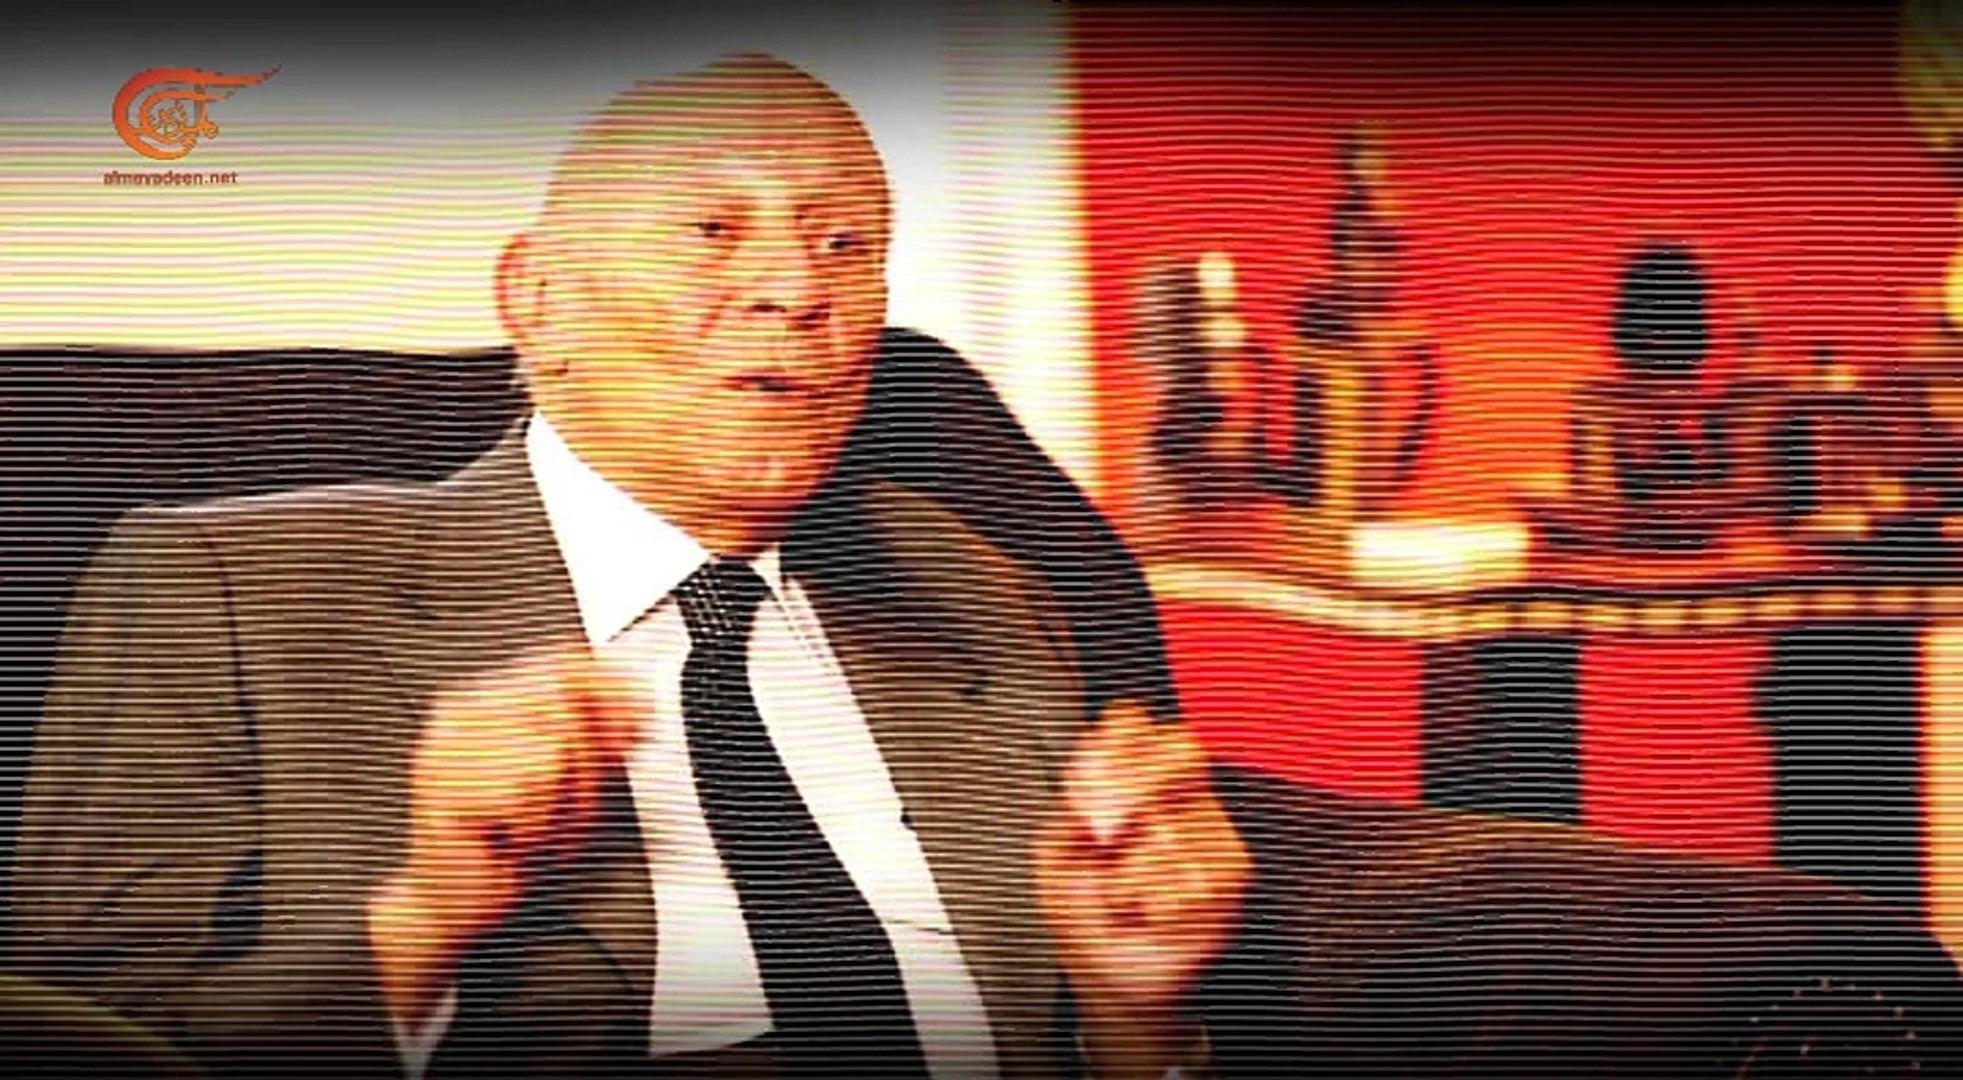 وثائقي الميادين | جمال عبد الناصر - زيارة جديدة، الجزء الخامس